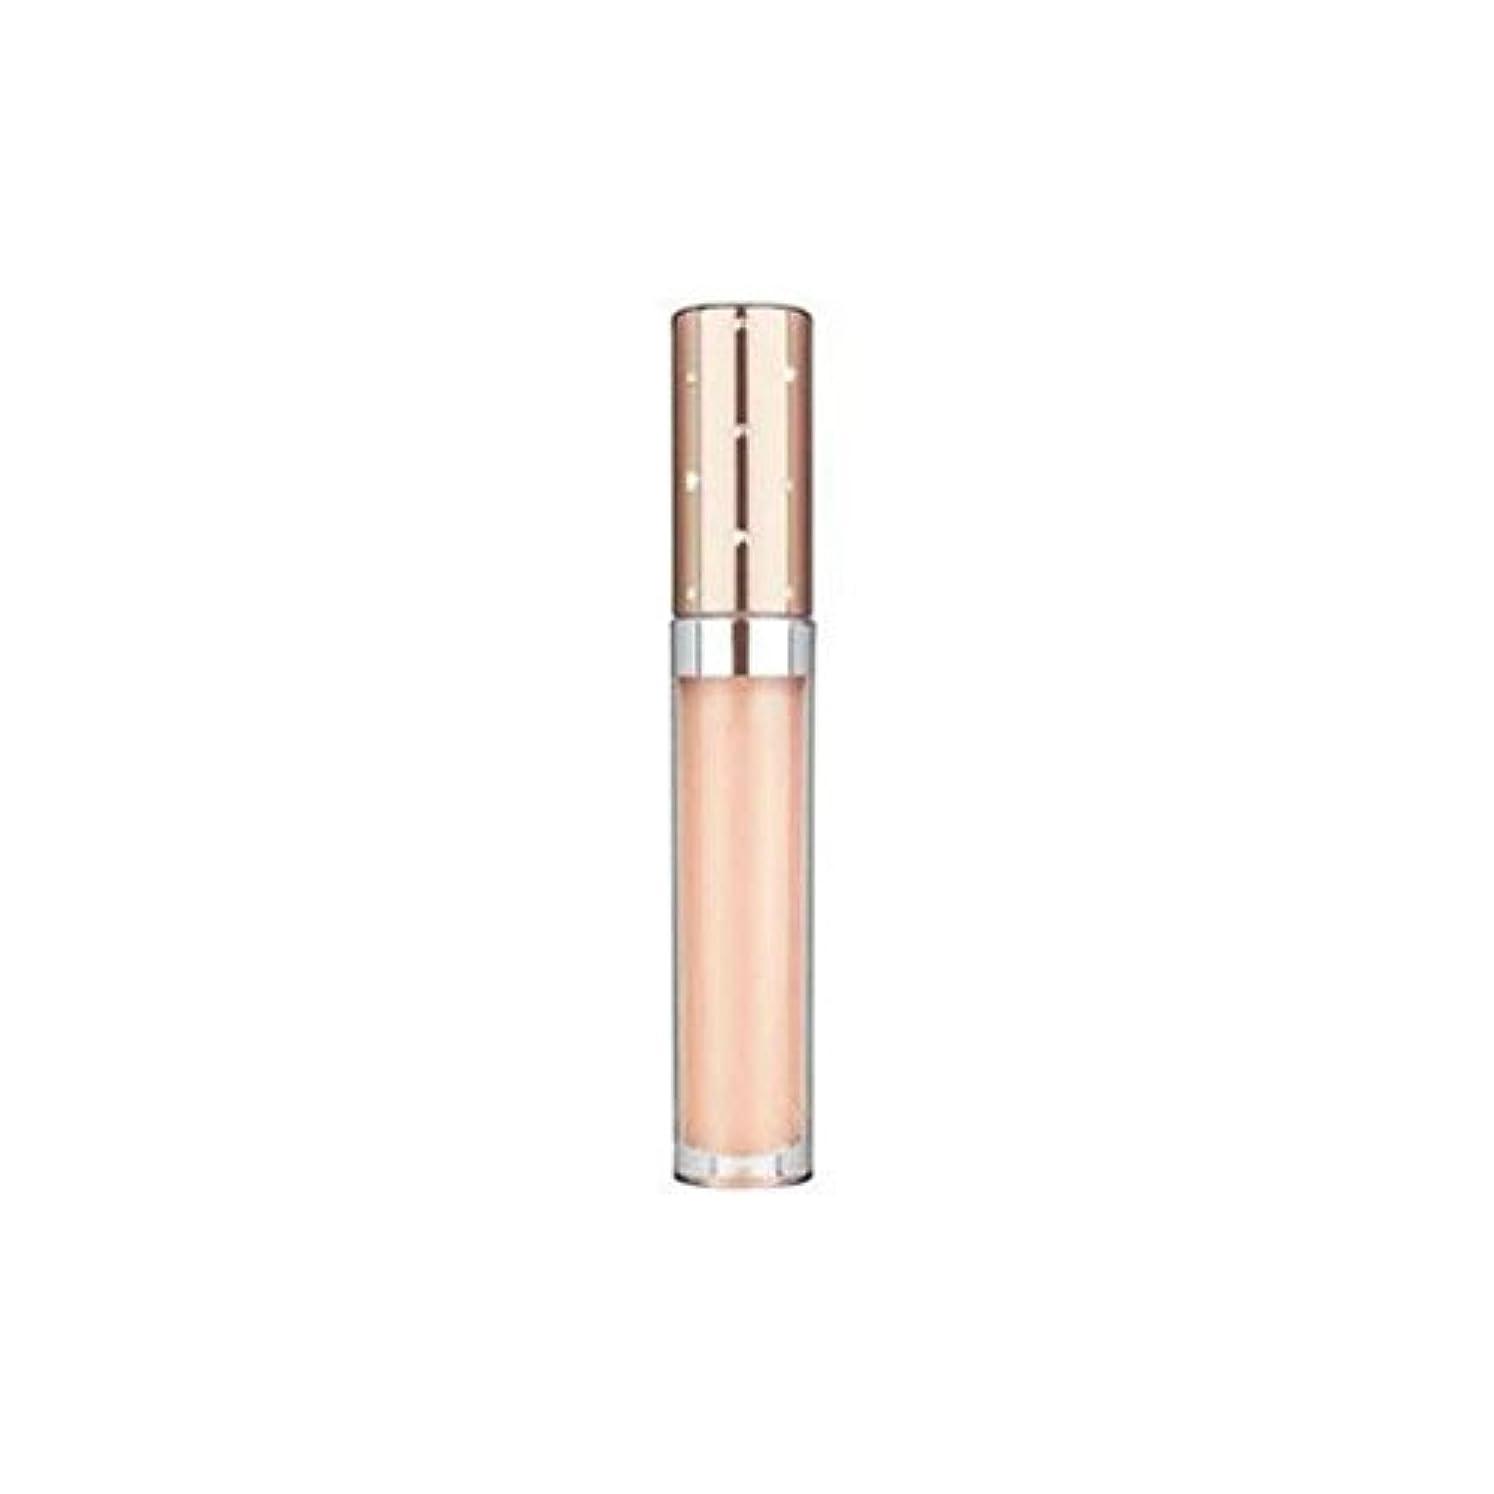 成長する十分なバーターインスタントリップパーフェクション15(5ミリリットル) x2 - Nubo Instant Lip Perfection Spf15 (5ml) (Pack of 2) [並行輸入品]